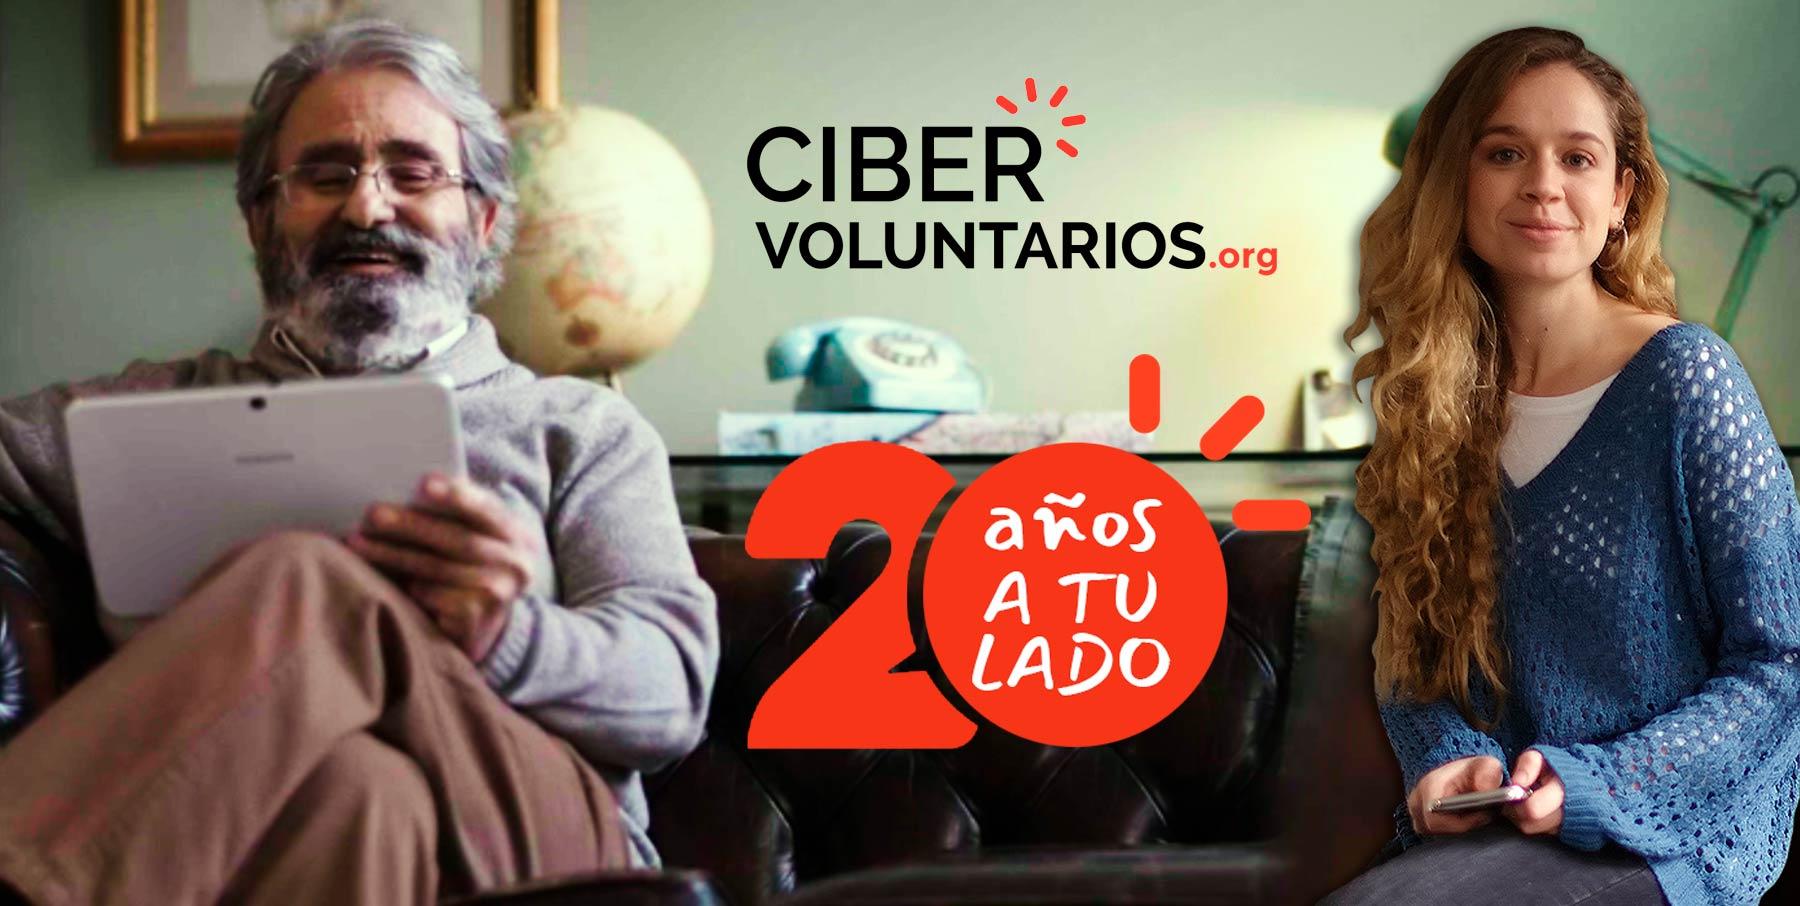 Cibervoluntarios.org cumple 20 años a tu lado